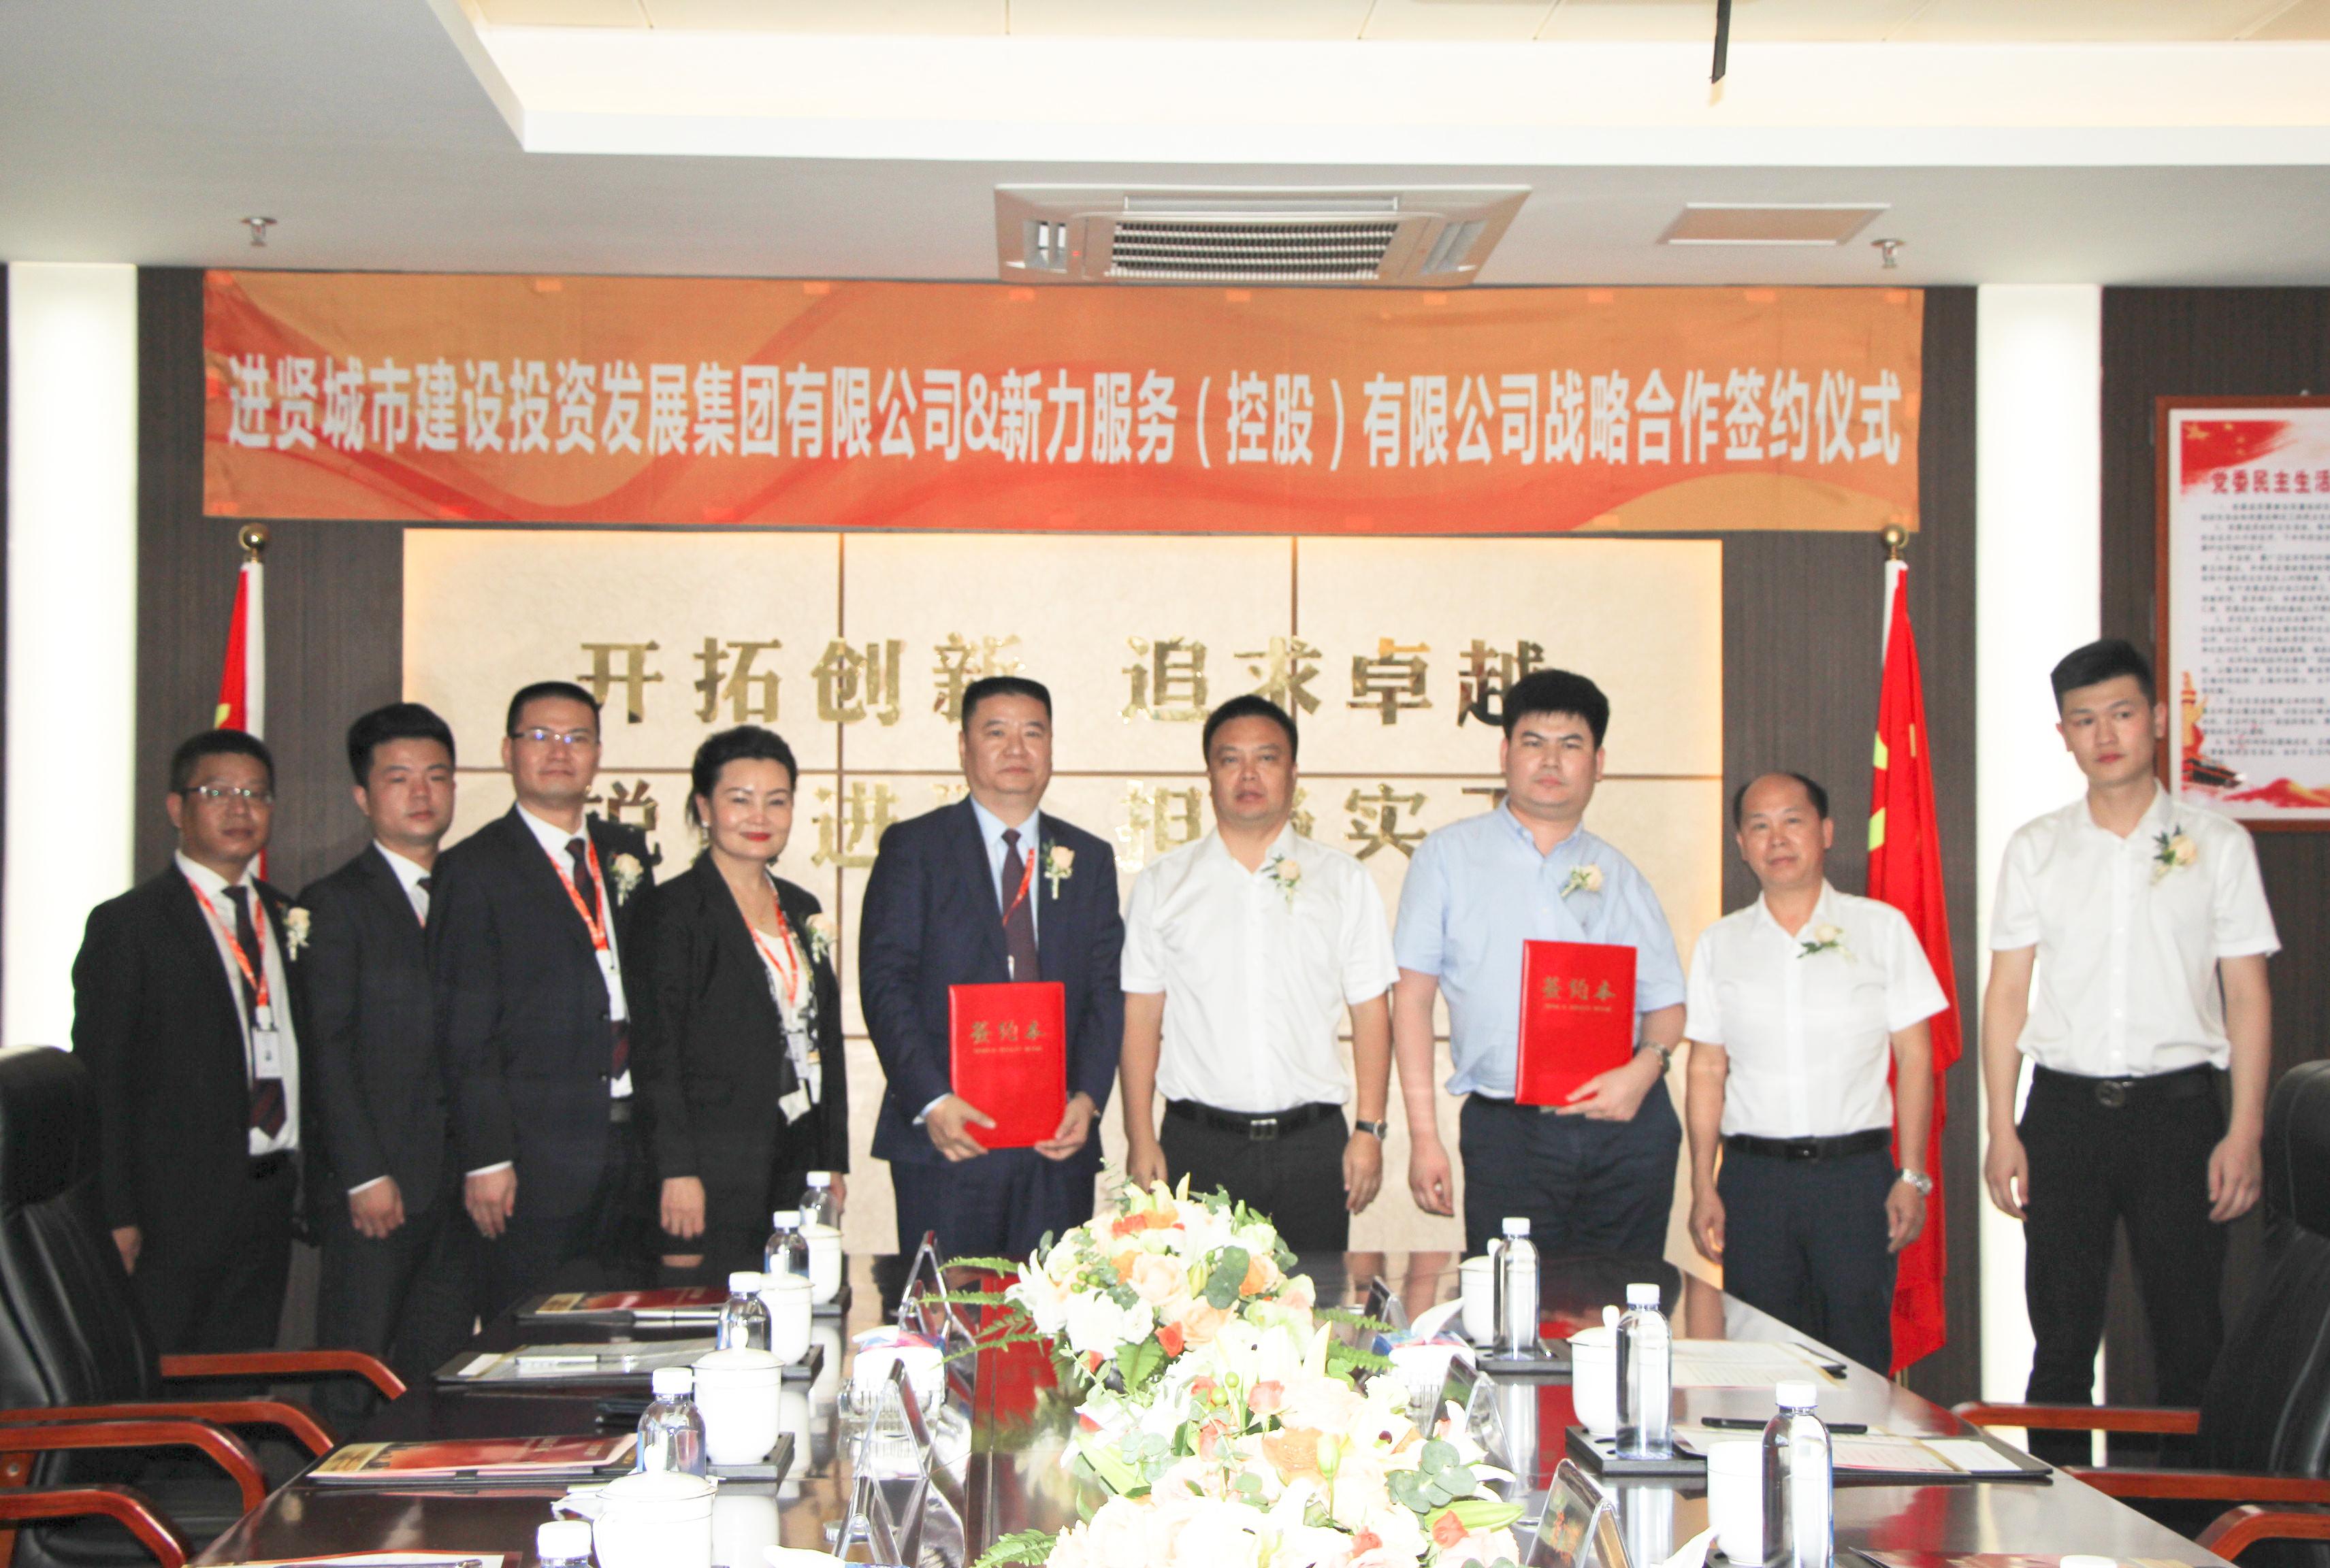 进贤城投集团与新力服务(控股)有限公司签订战略合作协议